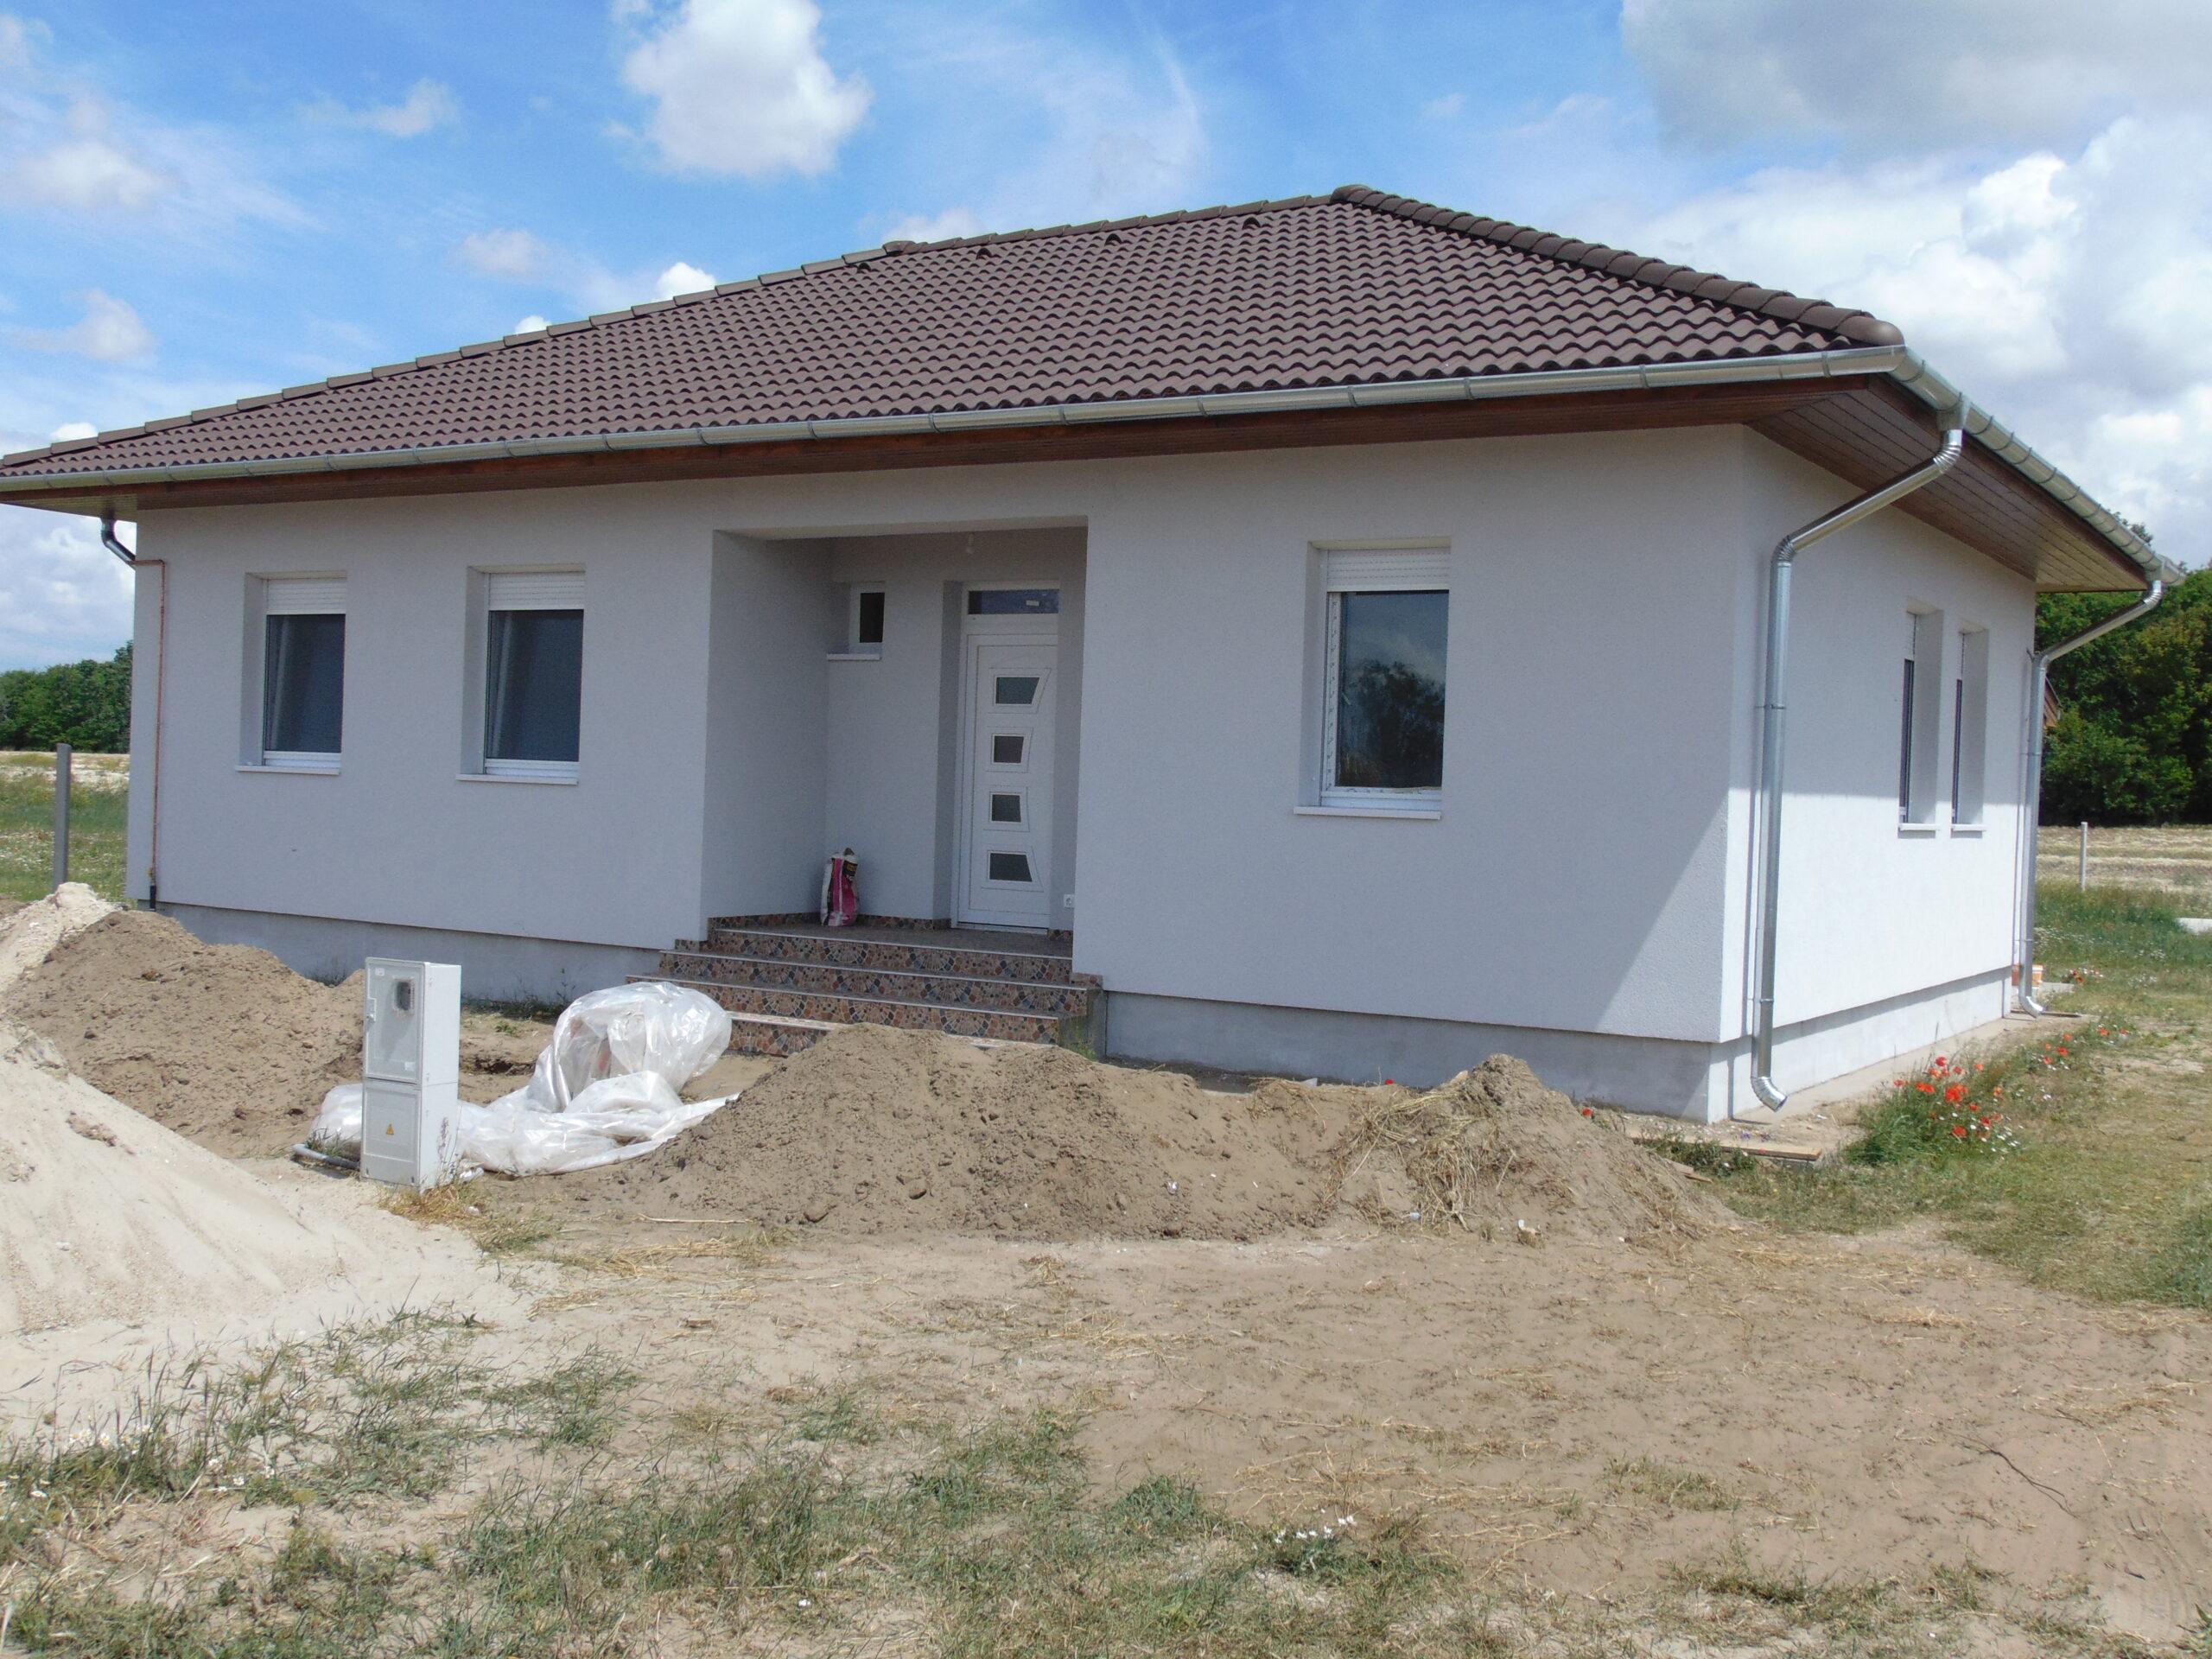 82 m²-es nappali + 3 szobás családi ház megrendelhető, Kadafalván telekkel, napelemmel!